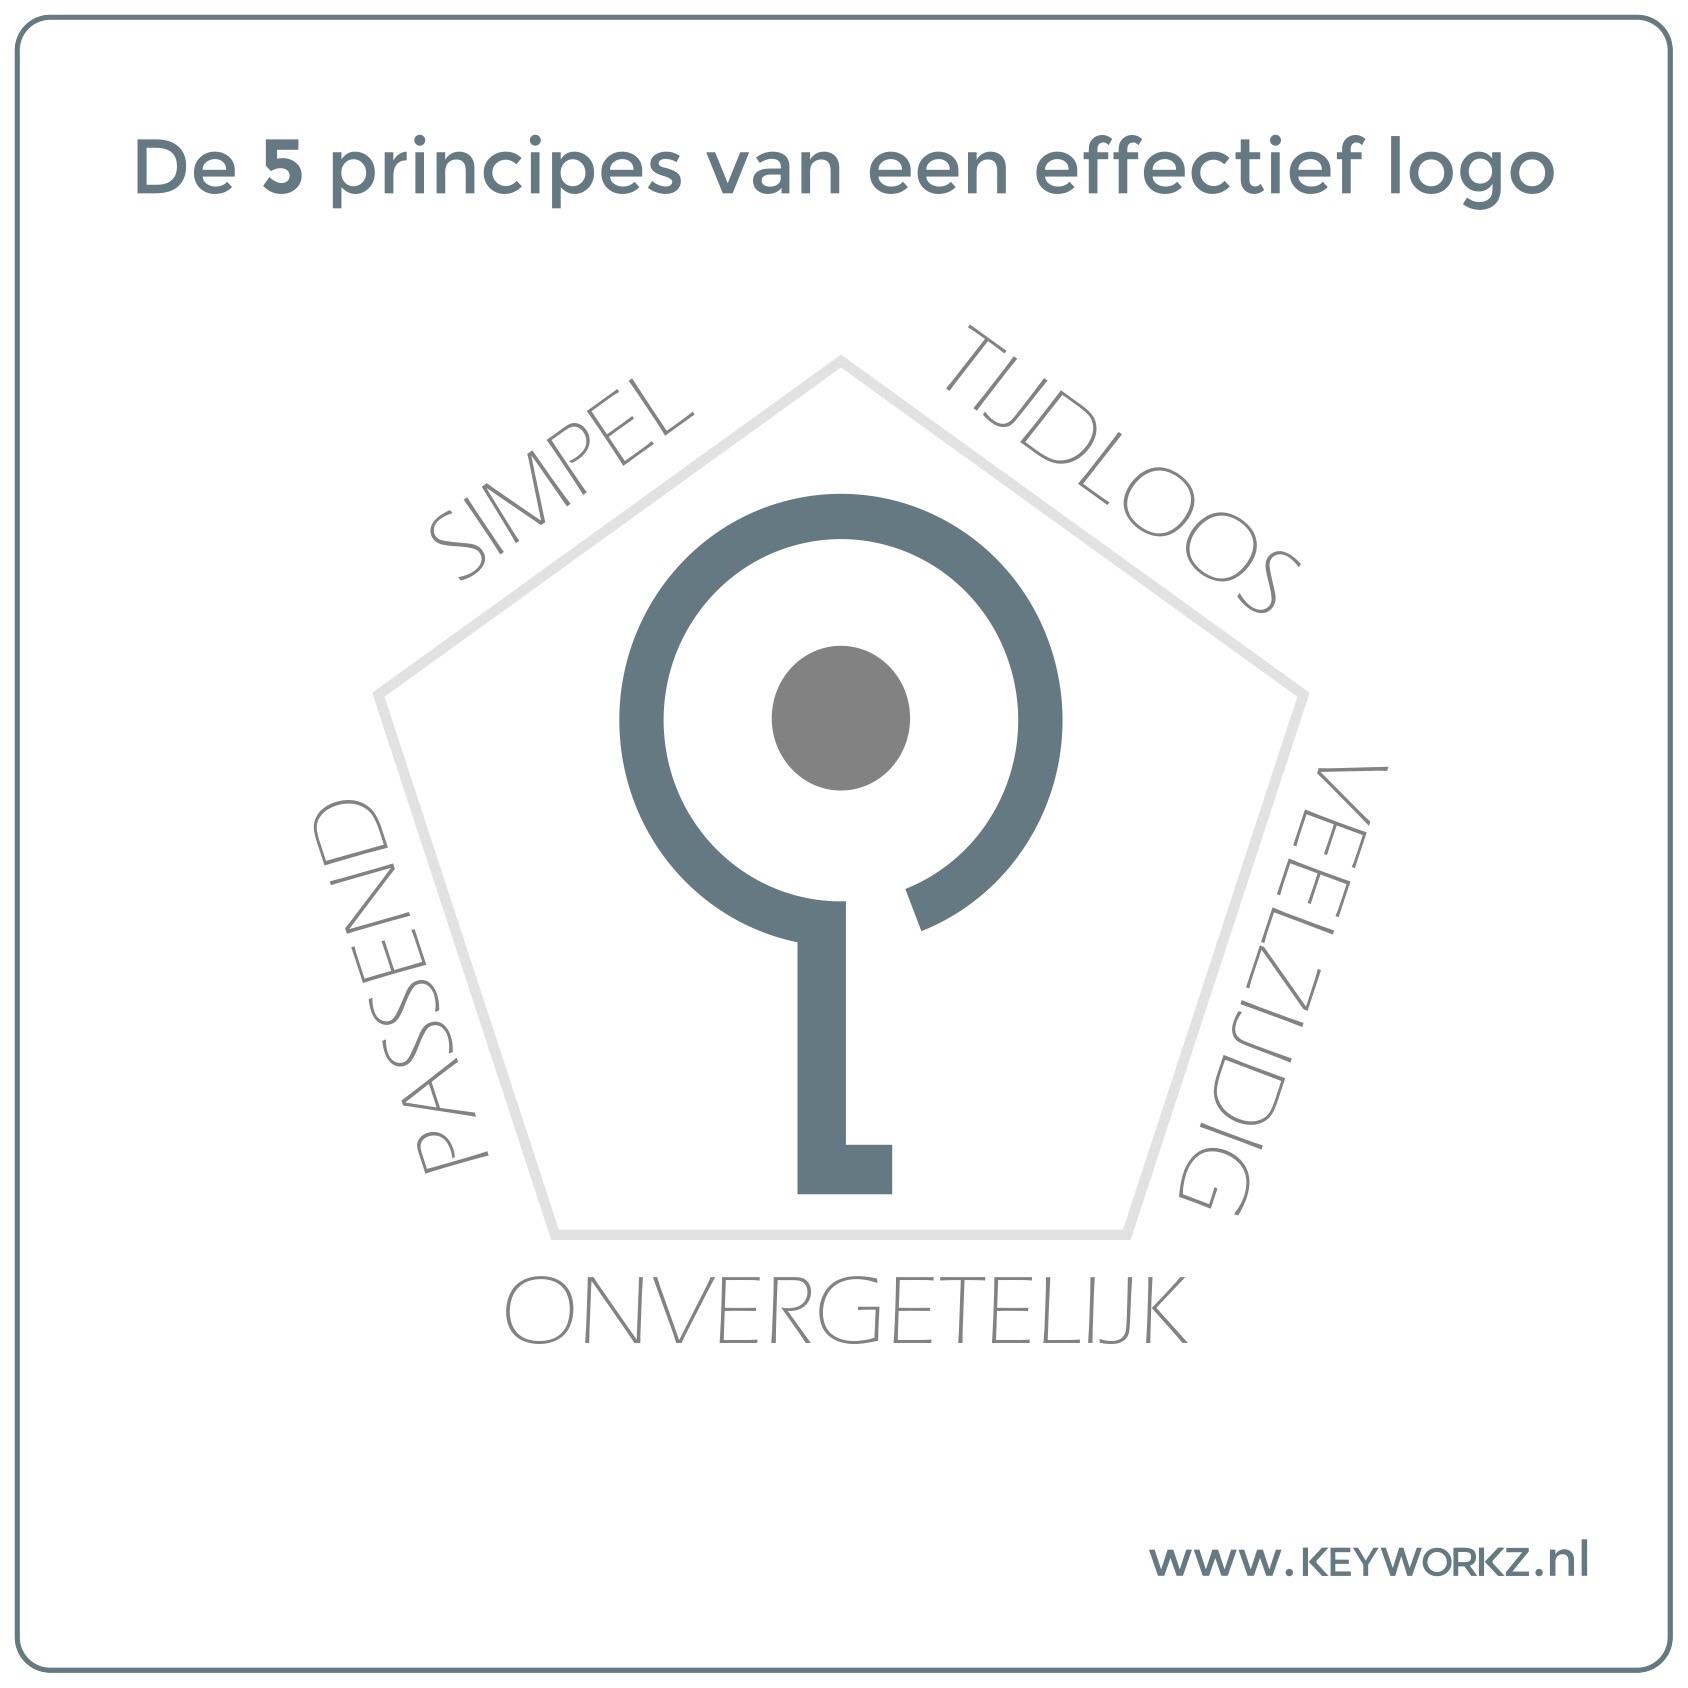 De 5 principes van een effectief logo.